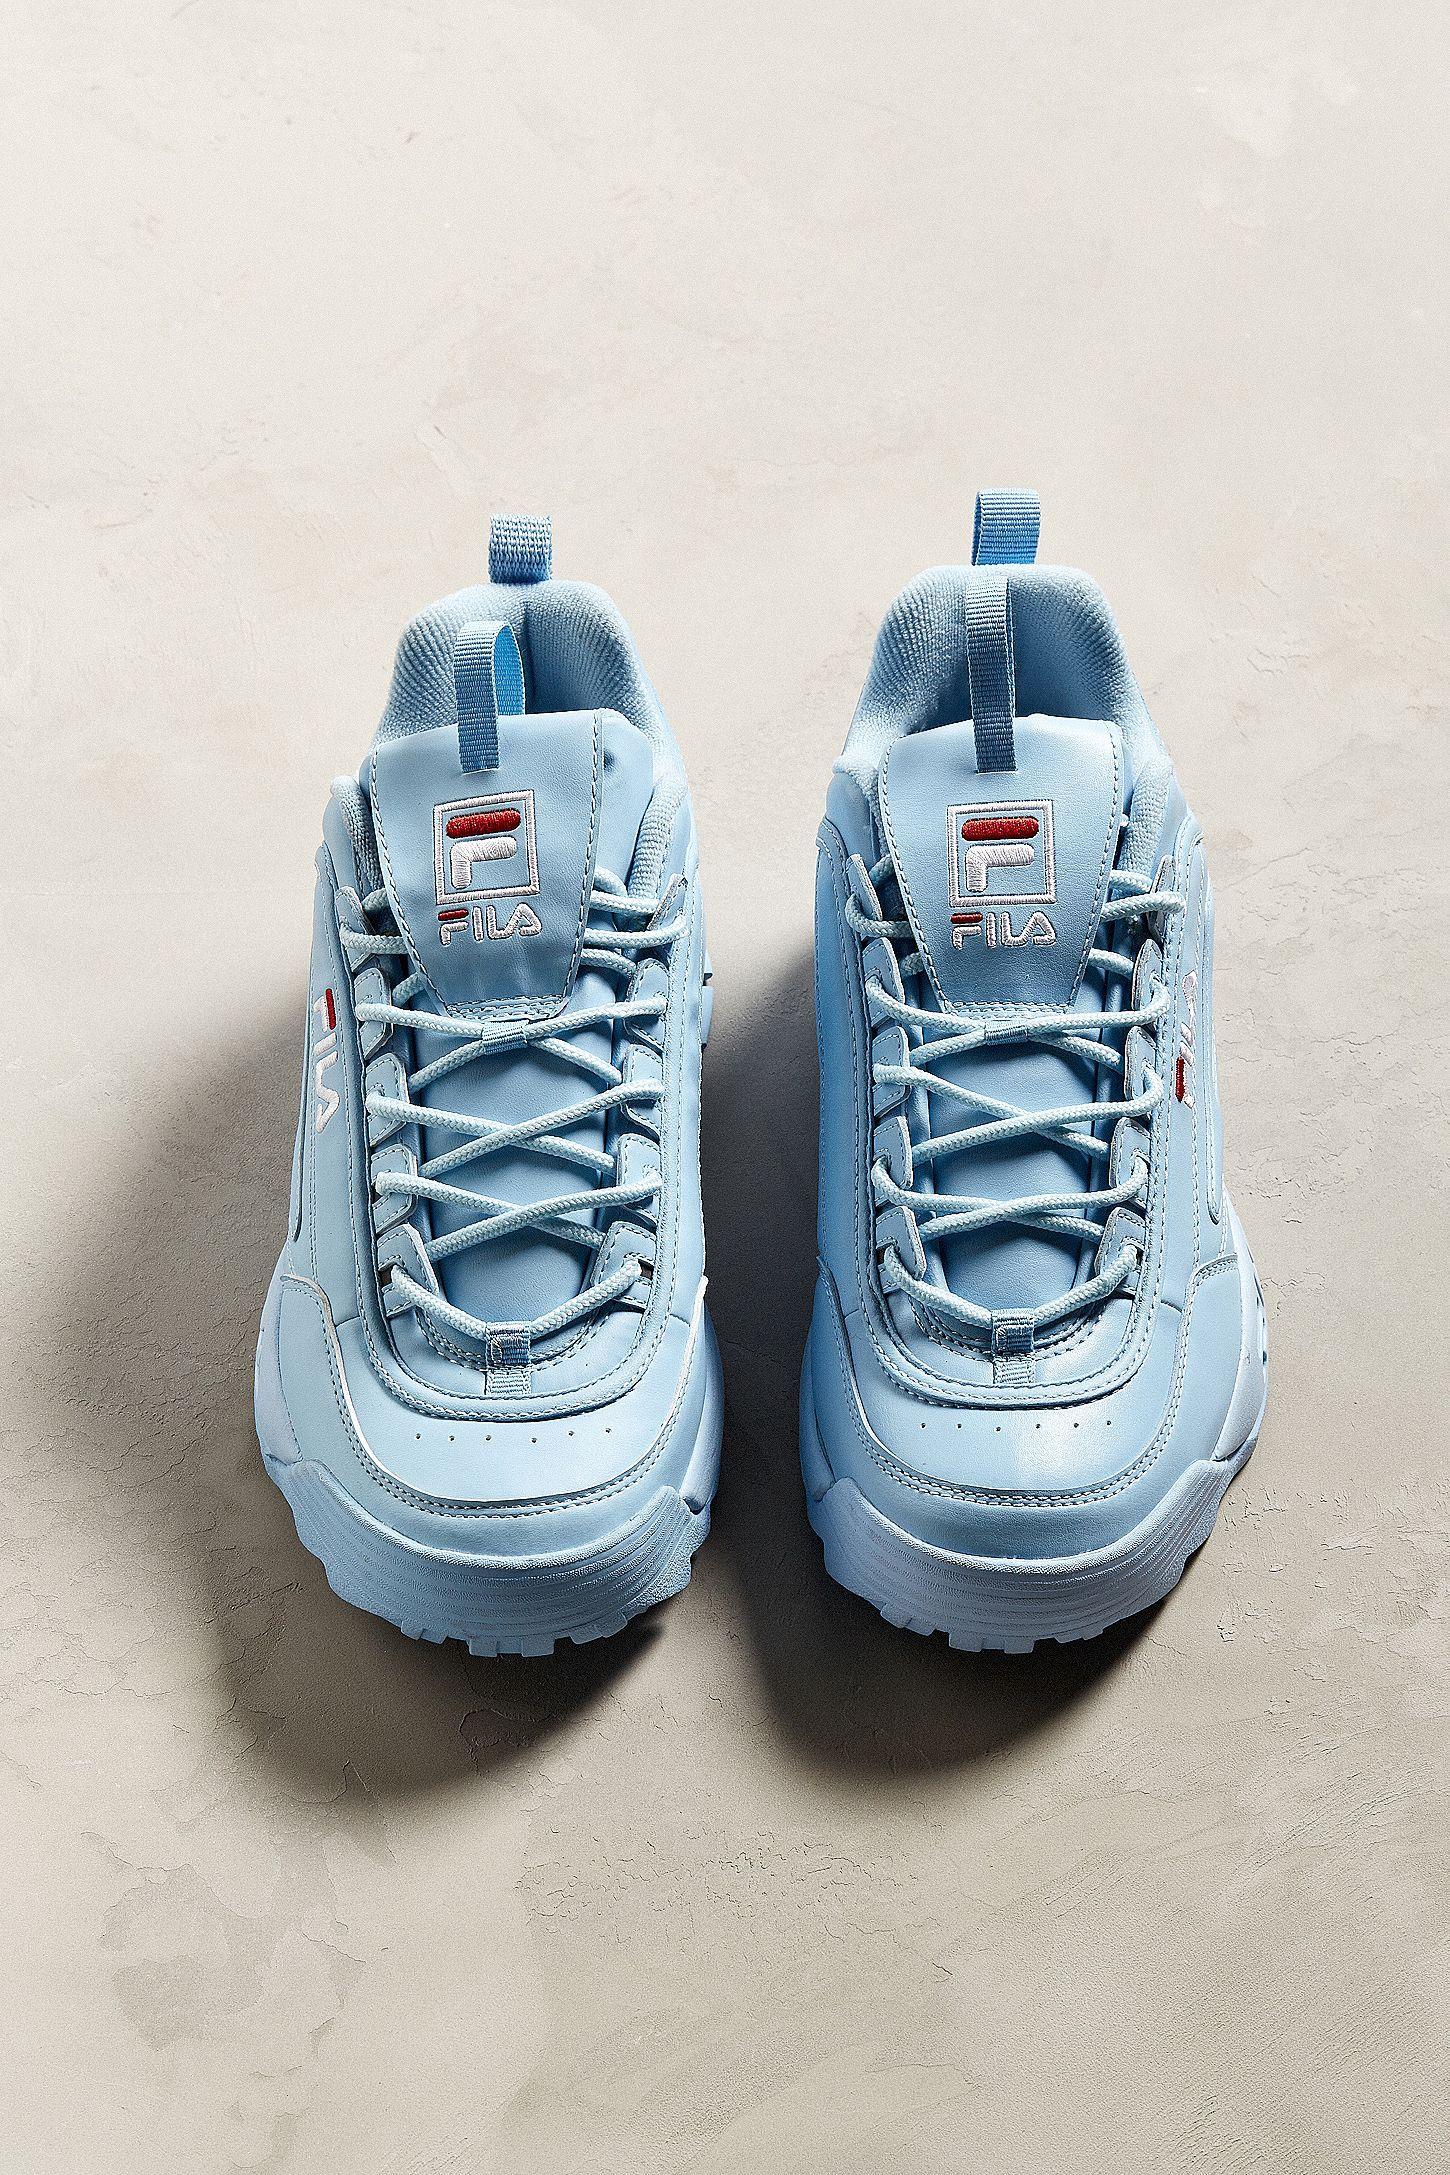 FILA DISTRUPTOR 💙voidchella   鞋   Shoes, Fly shoes, Footwear